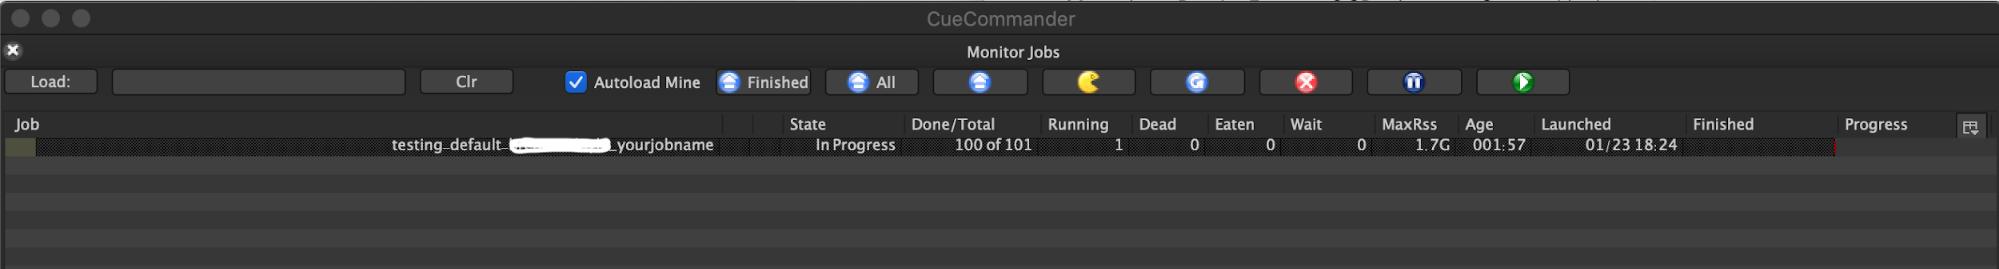 Ventana Monitor Jobs (Supervisar trabajos) en OpenCue